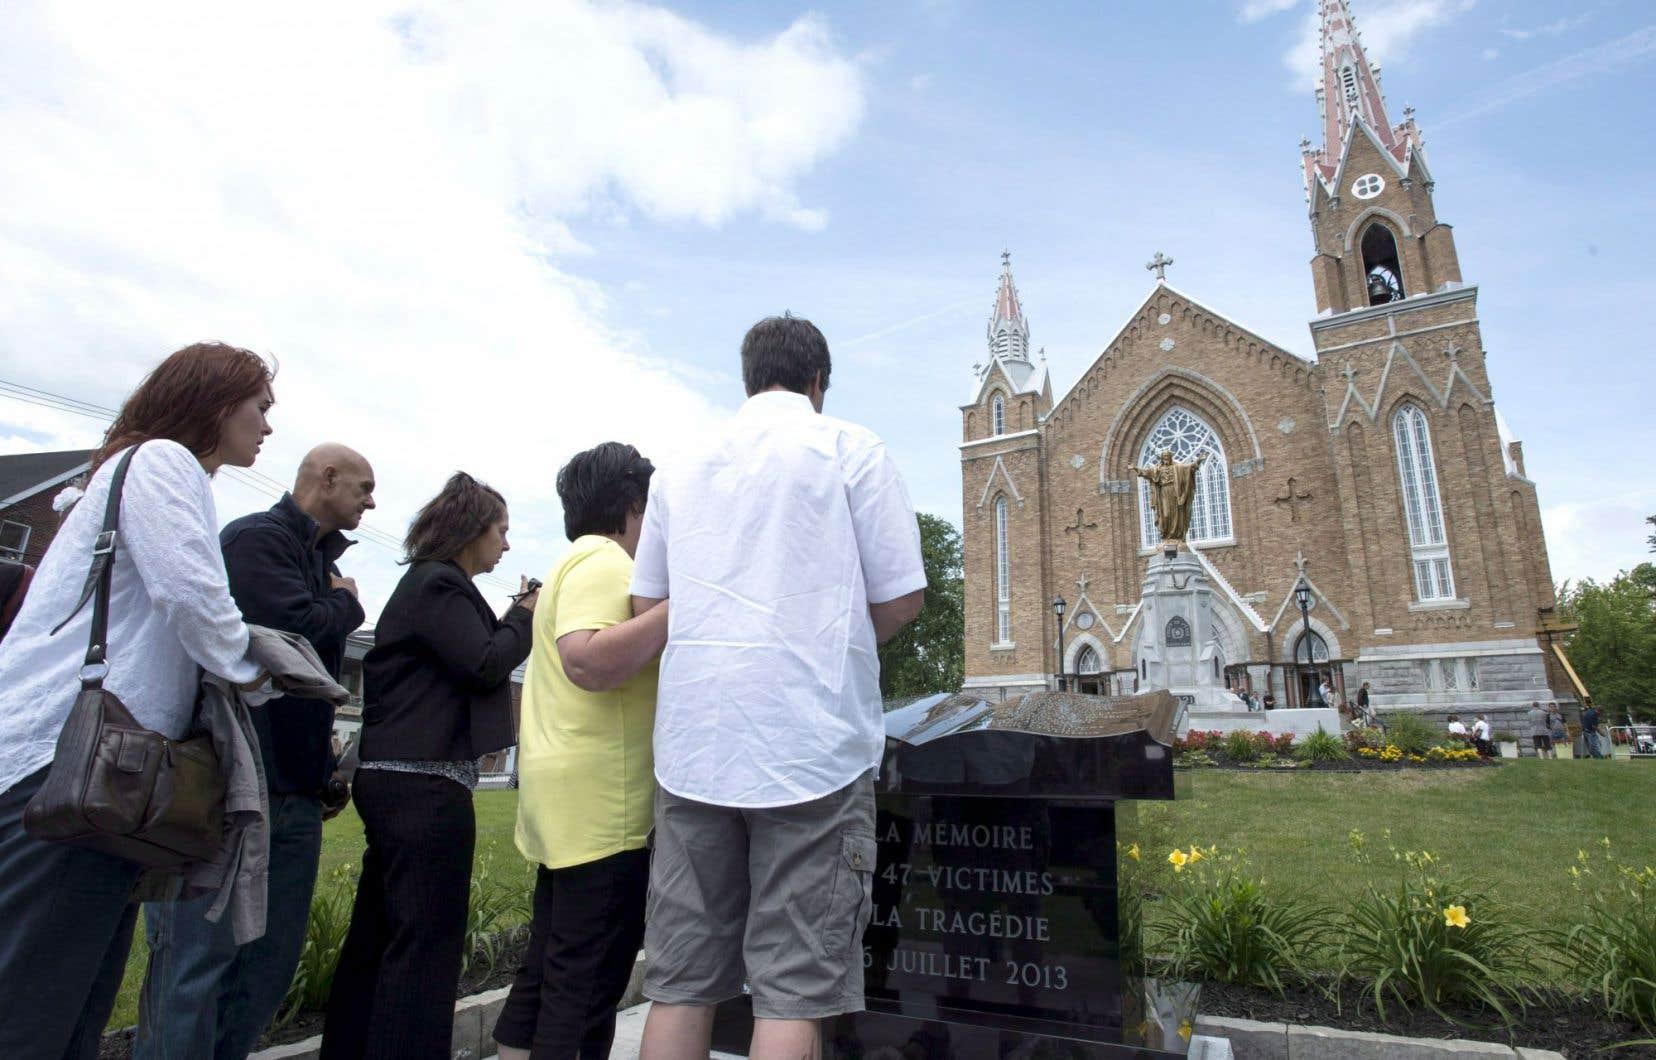 Tout comme l'an dernier à pareille date, plusieurs personnes se sont recueillies à l'église Sainte-Agnès de Lac-Mégantic, devant un monument en pierre où sont inscrits les noms des victimes.